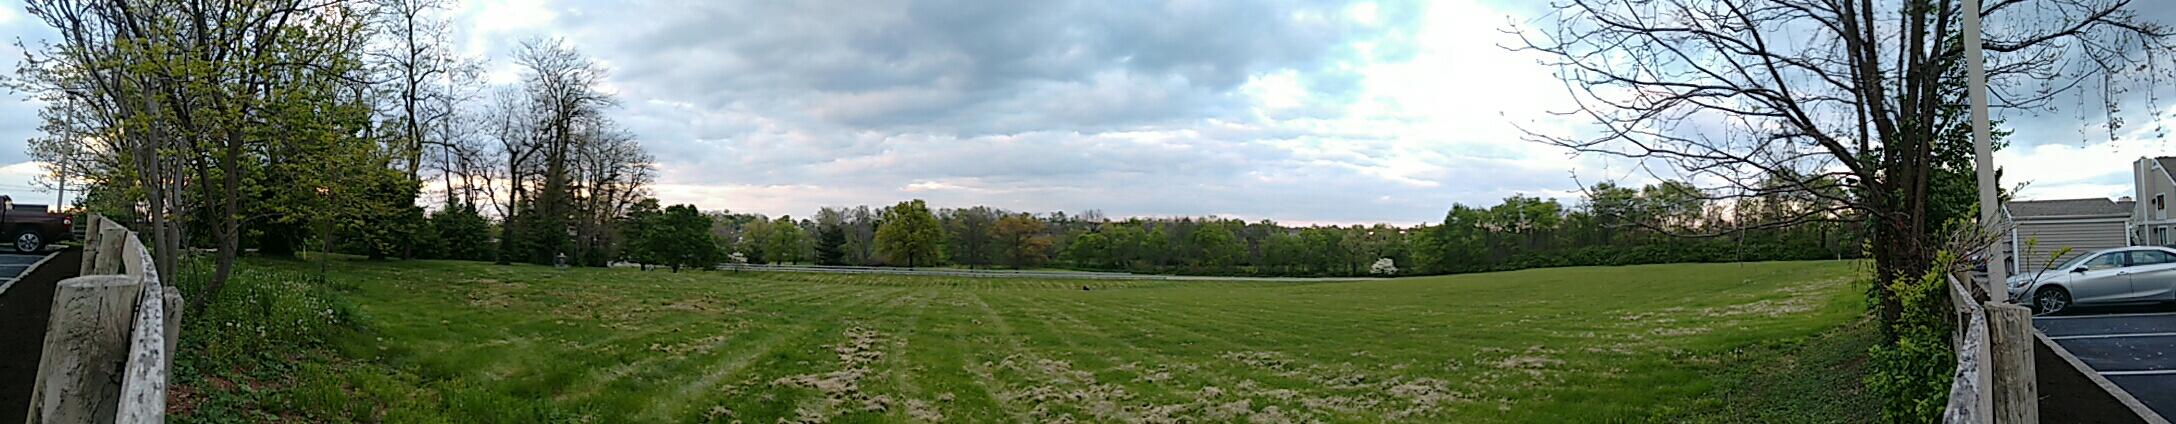 The grassy fields in spring